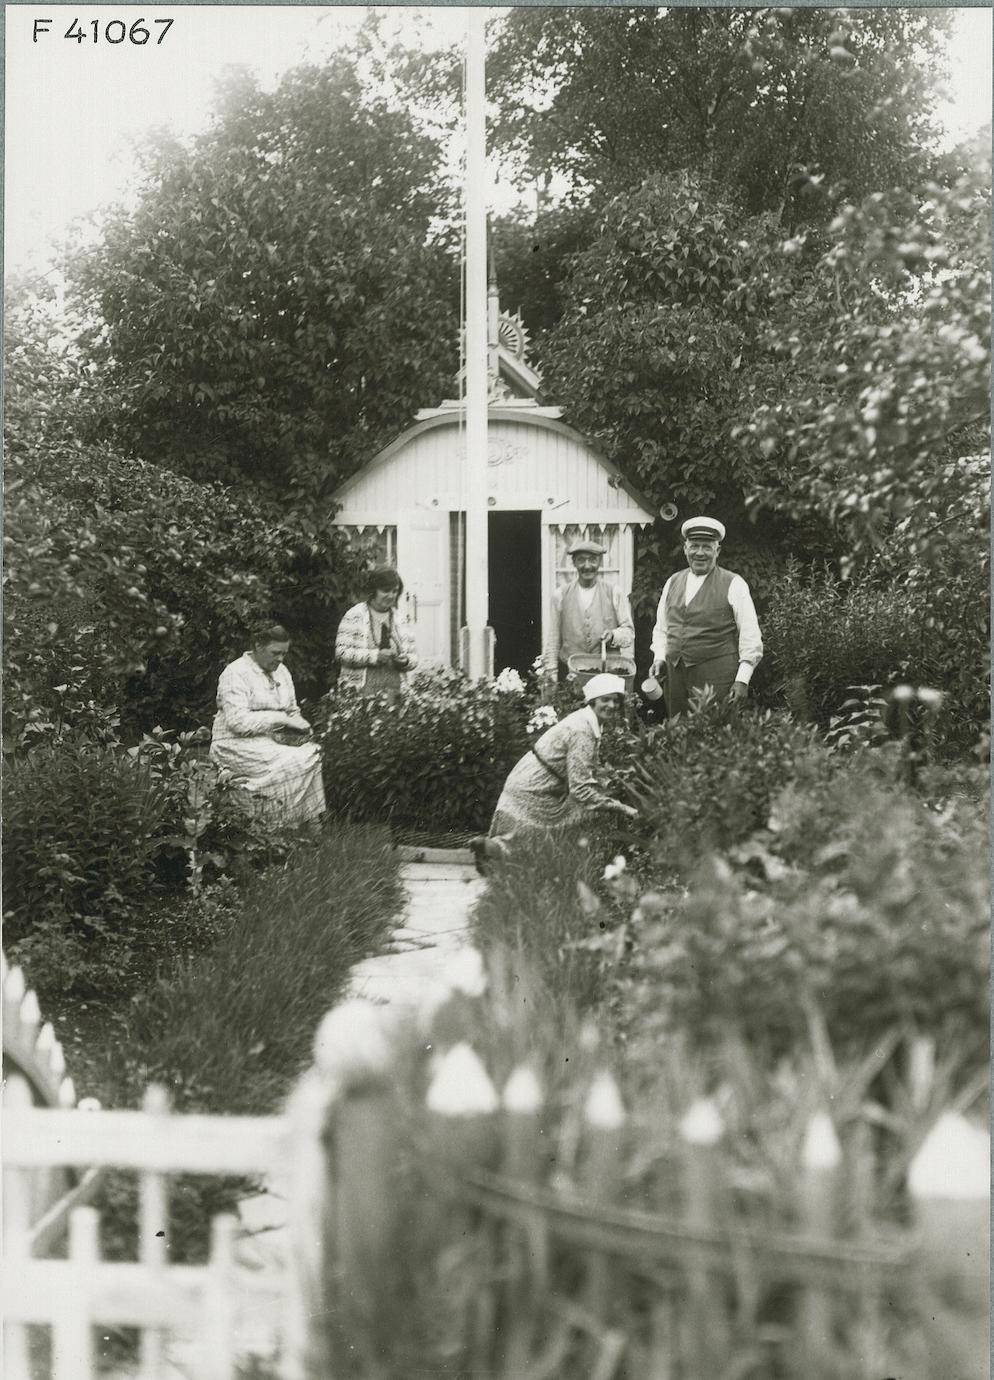 Koloniträdgård historia koloniträdgårdshistoria